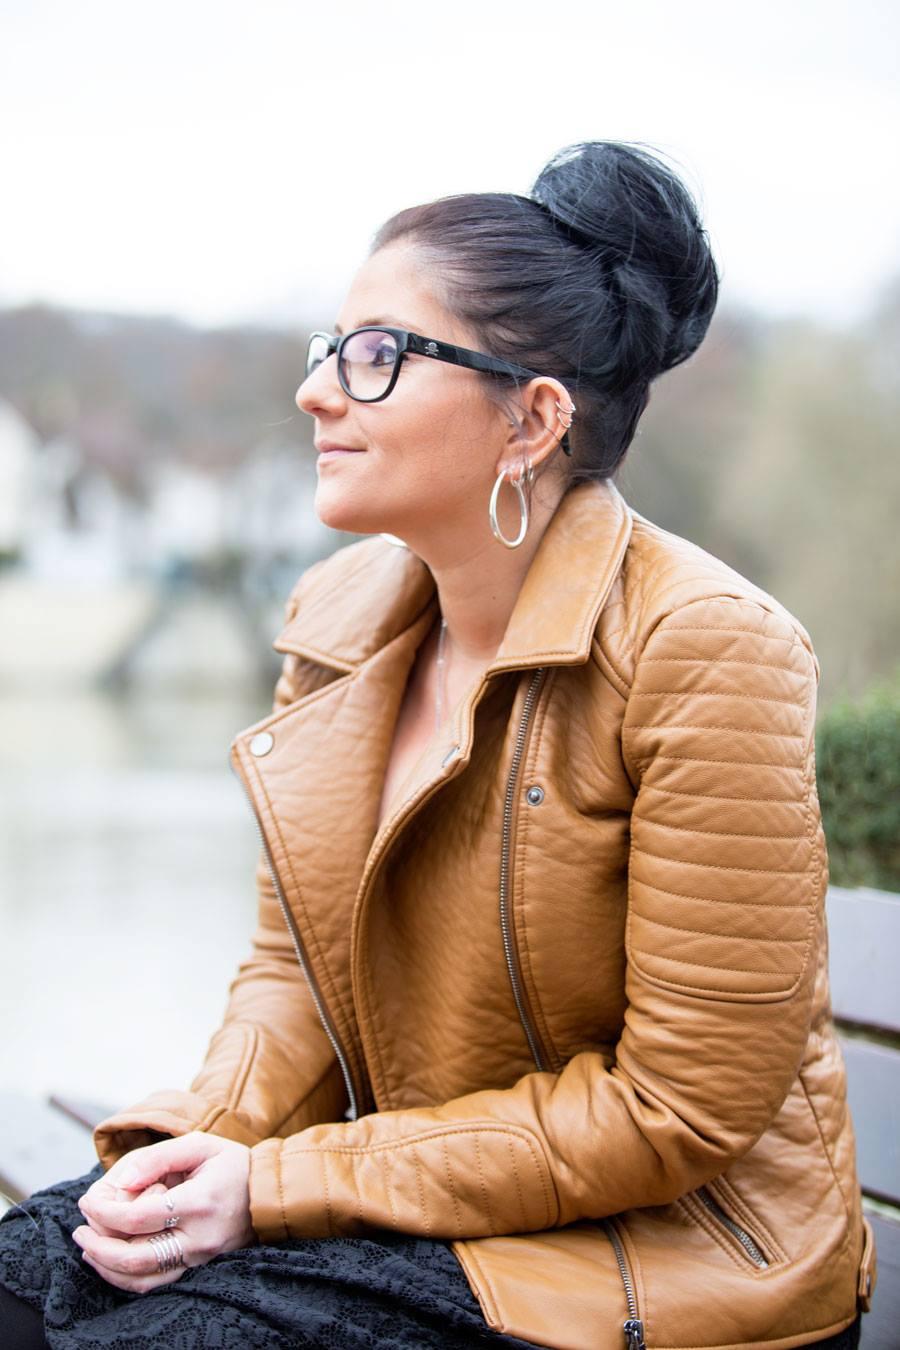 Découvrez l'histoire de Déborah Atlan , la créatrice de AthenaProd sur le blog⎟ Talented Girls, conseils business et ondes positives pour les femmes entrepreneures ! www.talentedgirls.fr